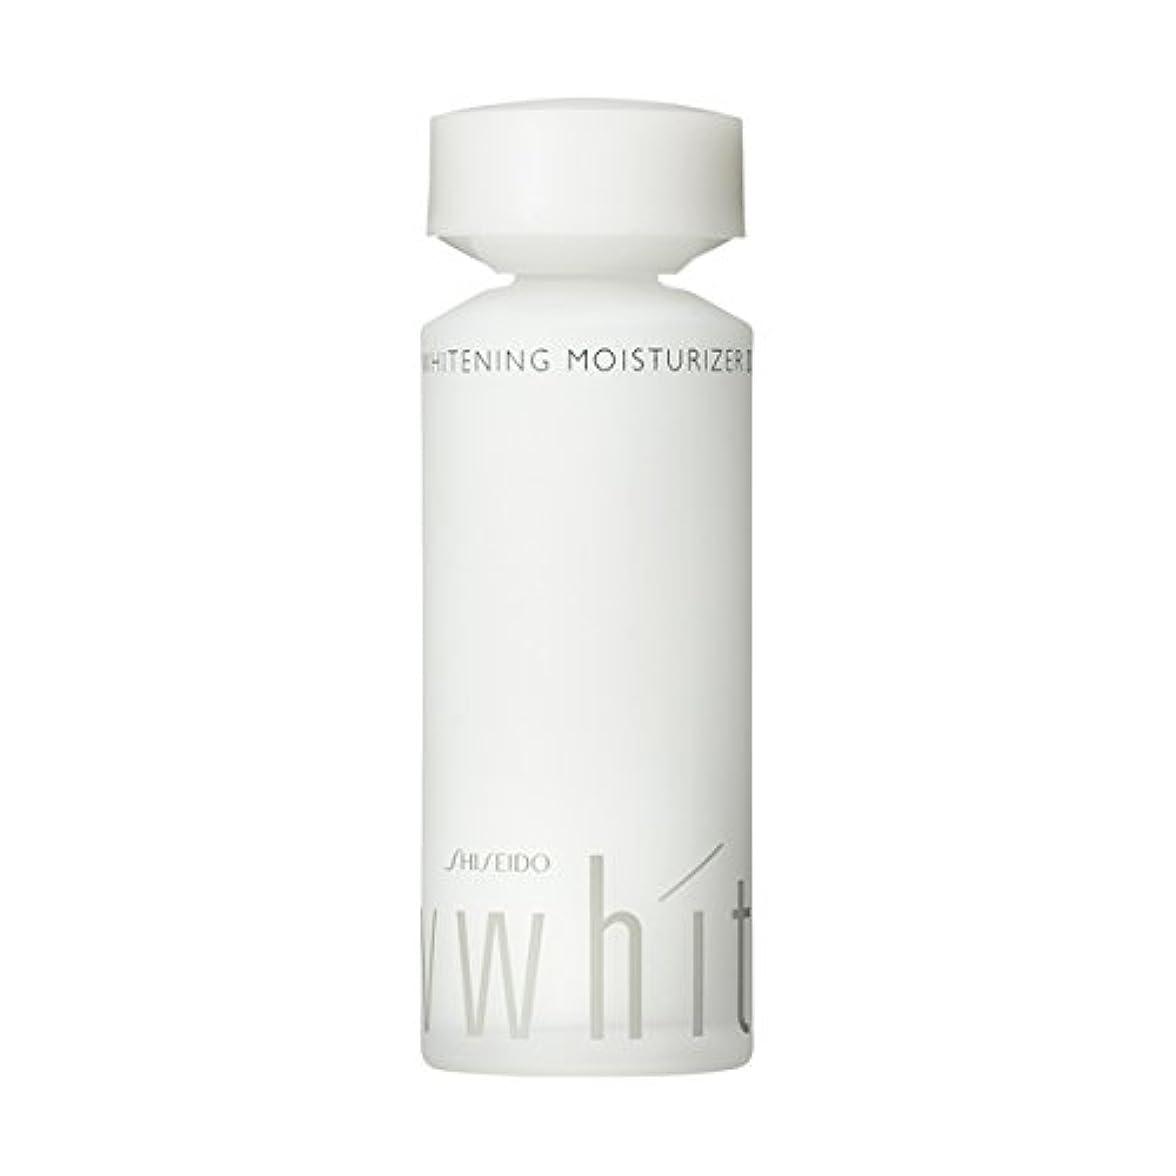 トレイル下着切り下げUVホワイト ホワイトニング モイスチャーライザー 2 100mL 【医薬部外品】